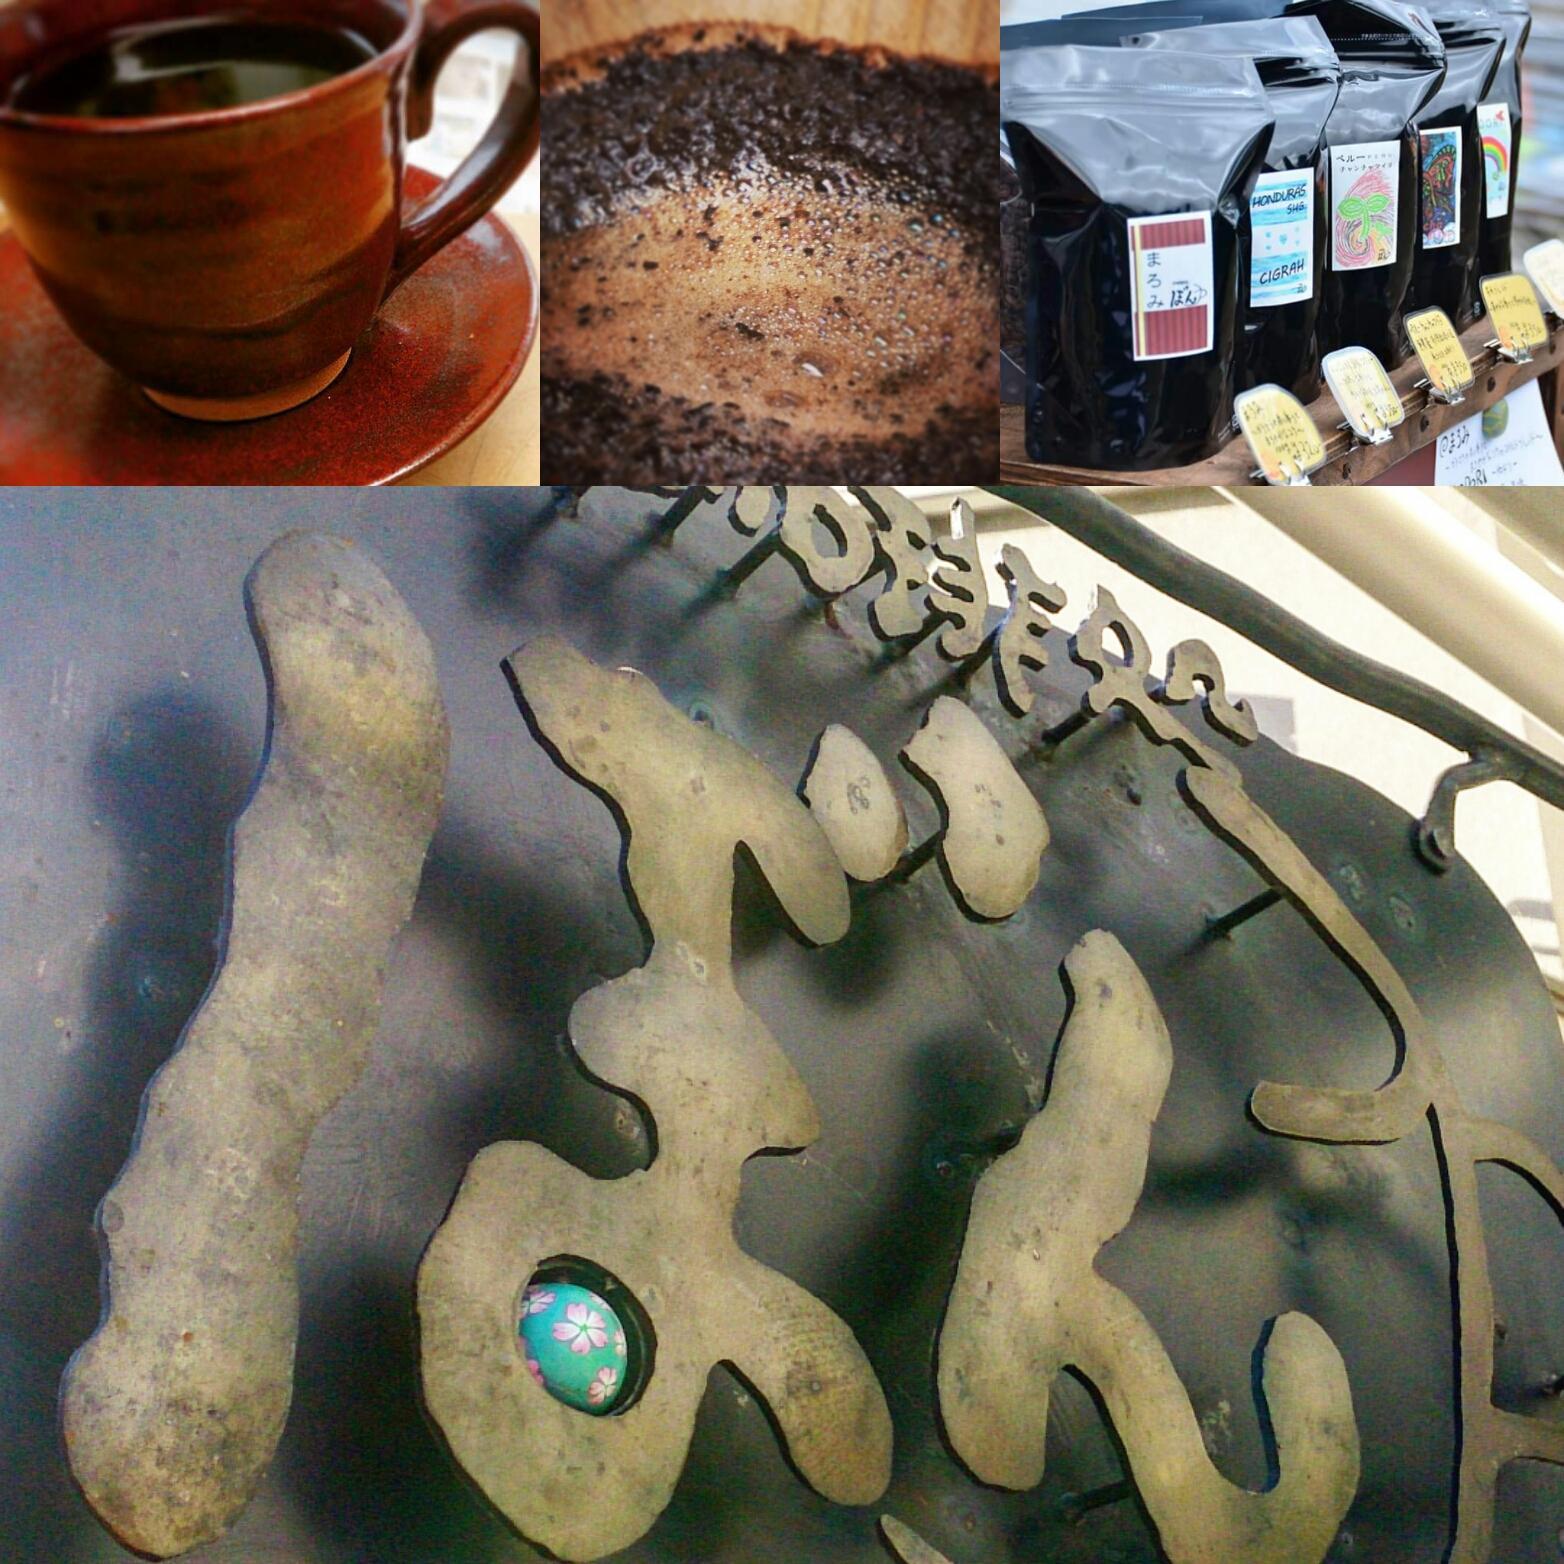 陶器の焙煎器で香ばしく優しい豆本来の苦みや甘みを楽しんで頂けるコーヒーをお届けしています